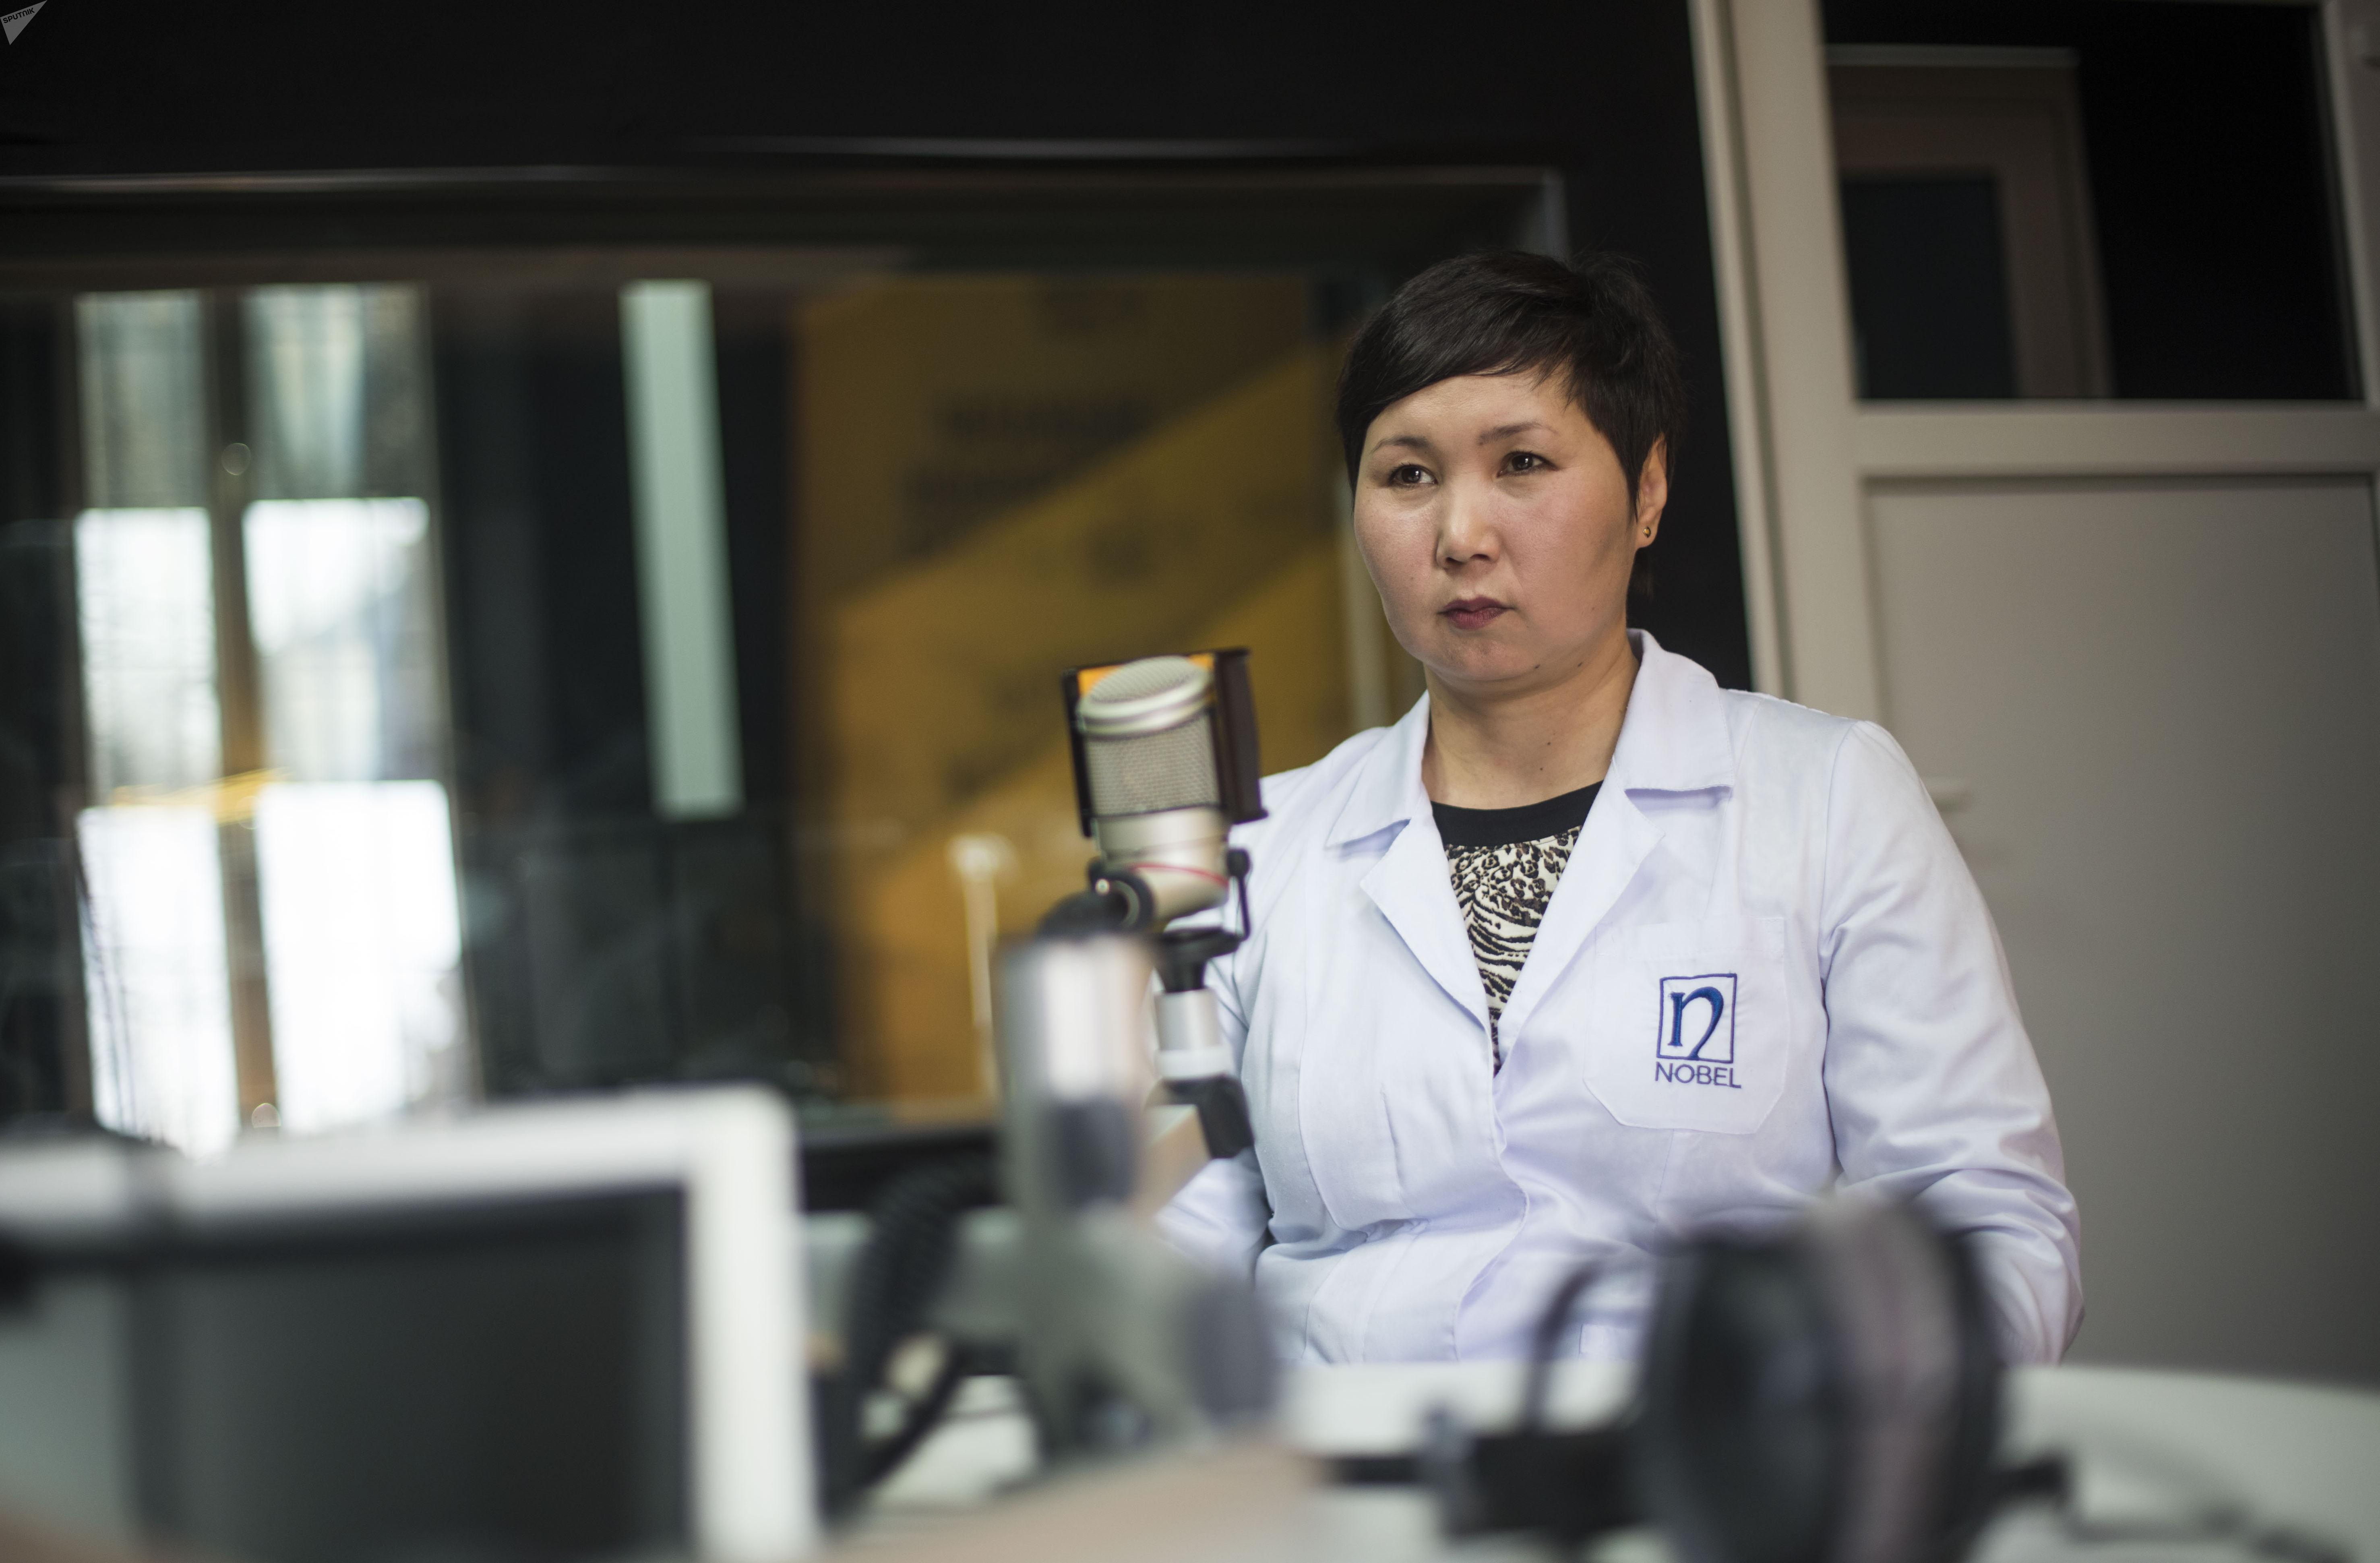 Врач-диетолог Бактыгул Иманкулова во время интервью на радио Sputnik Кыргызстан